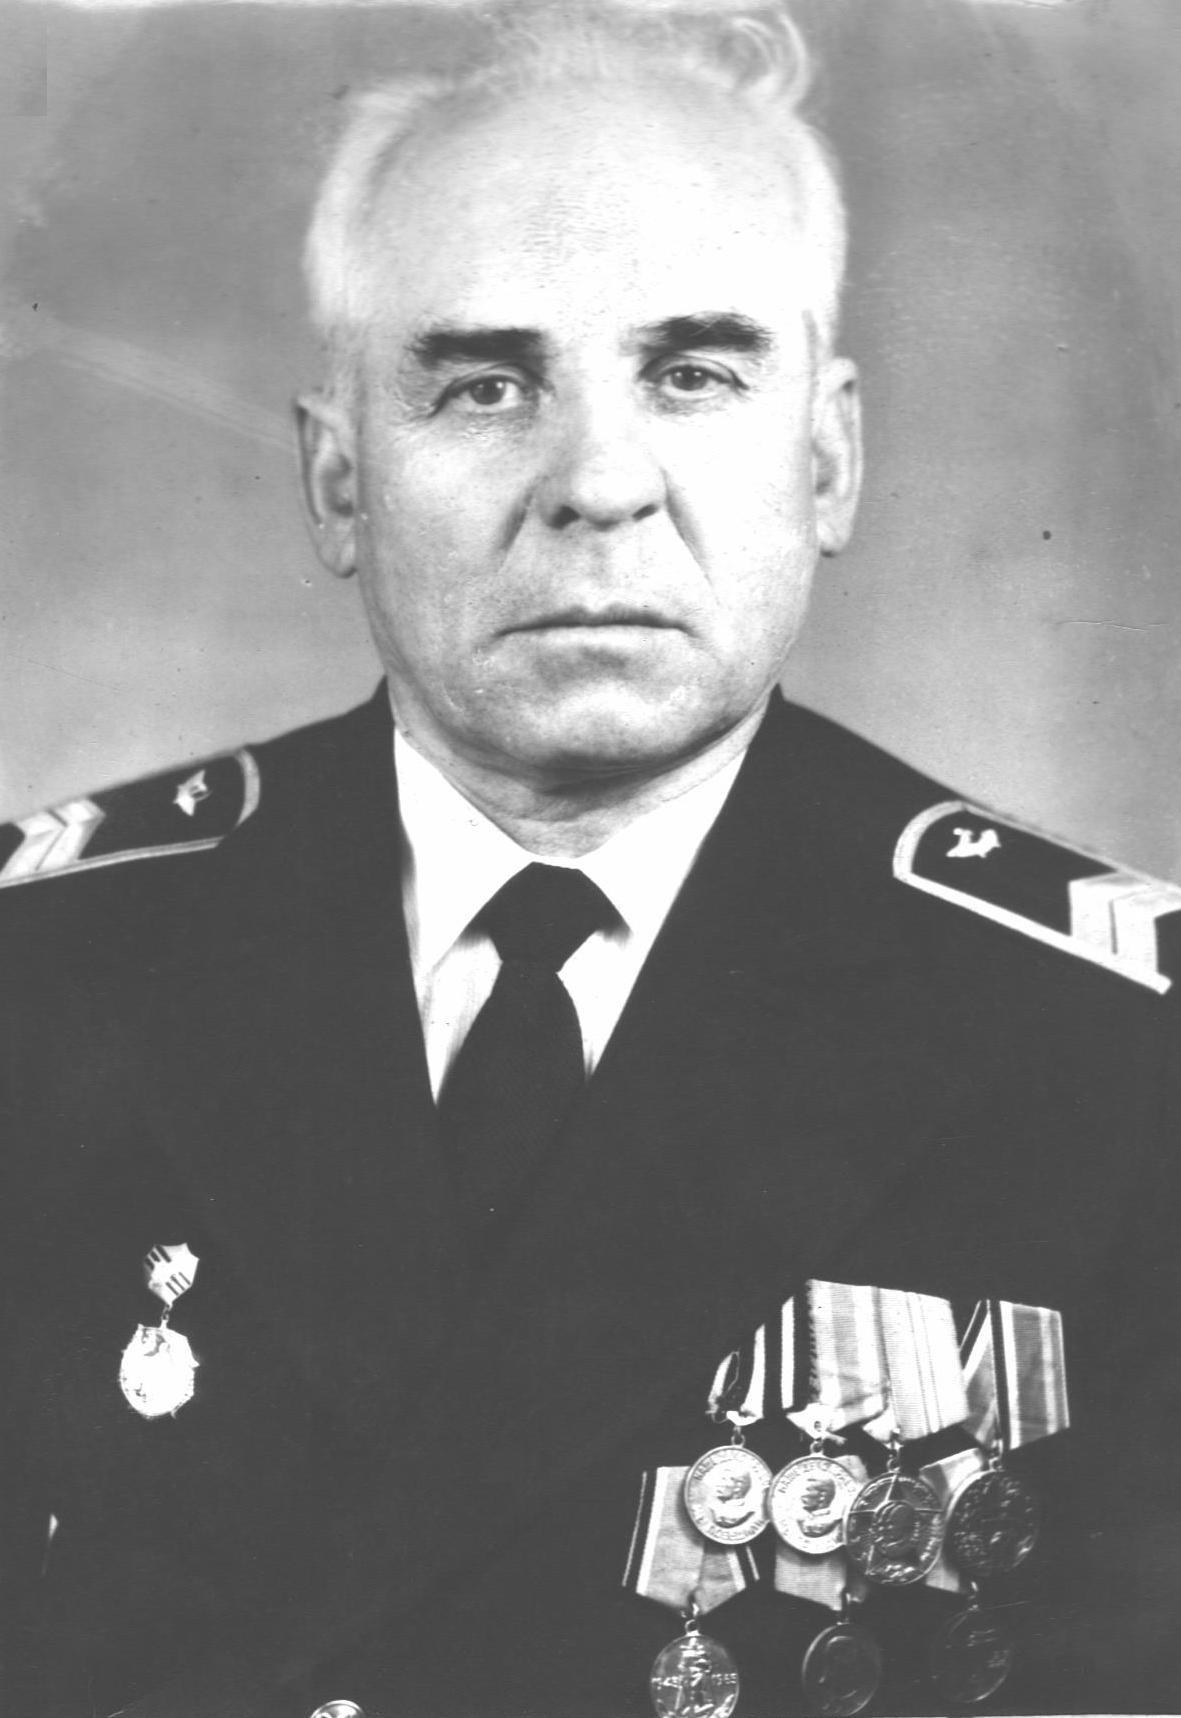 Светлов Борис Семенович